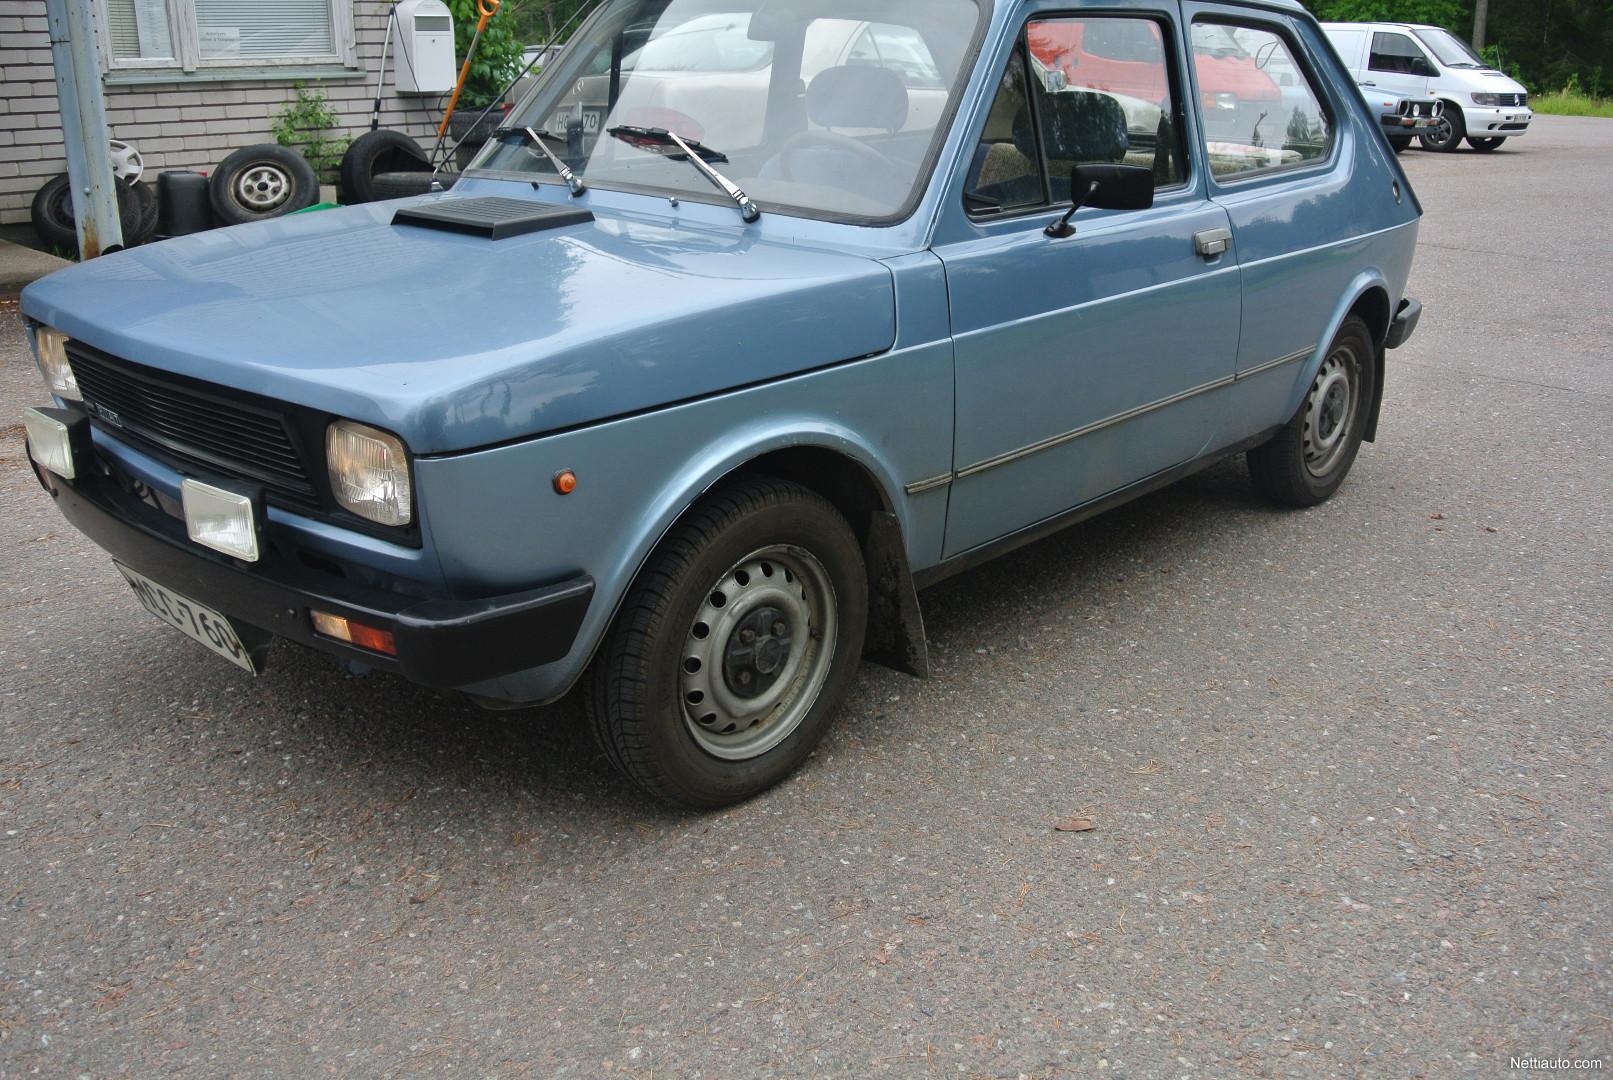 Fiat fiat 127 : Fiat 127 juuri katsastettu. ajoaikaa 01/2019 ASTI. myös vaihto ja ...